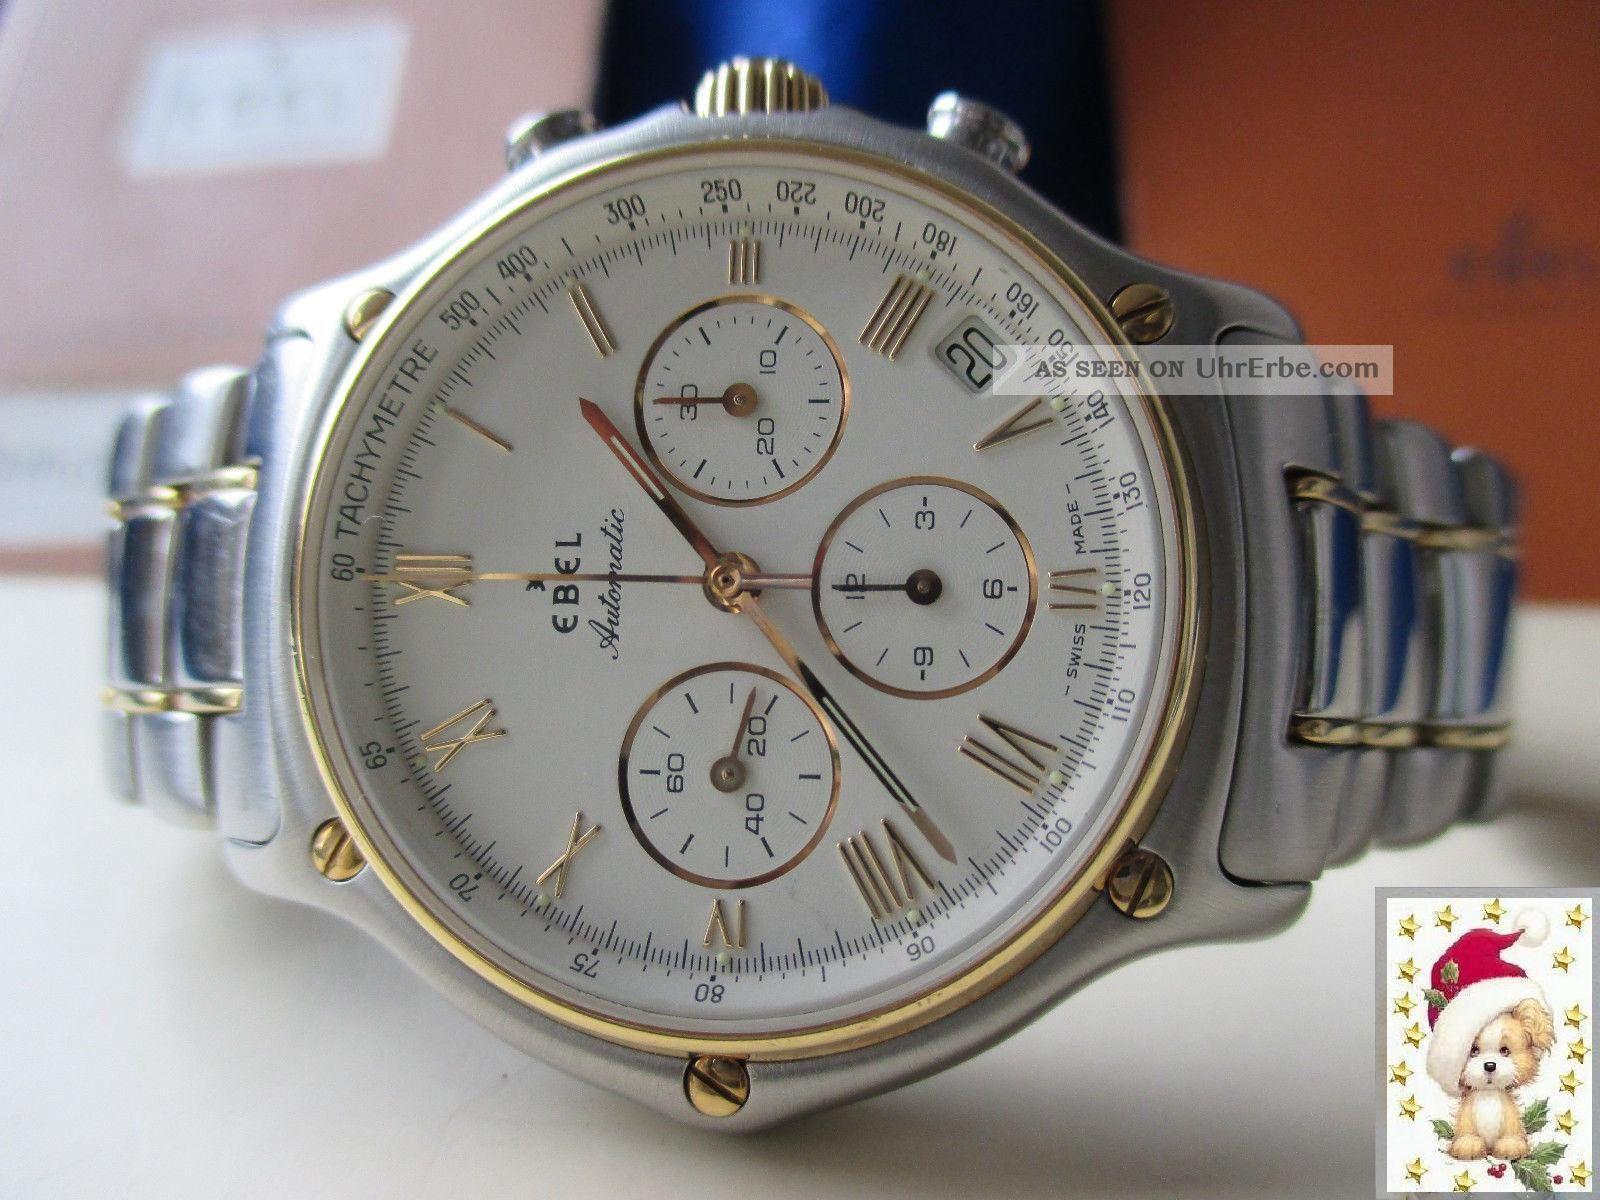 Herren Ebel 1911 Automatik Chronograph In Stahl/gold,  El Primero 400,  Box,  Pap. Armbanduhren Bild